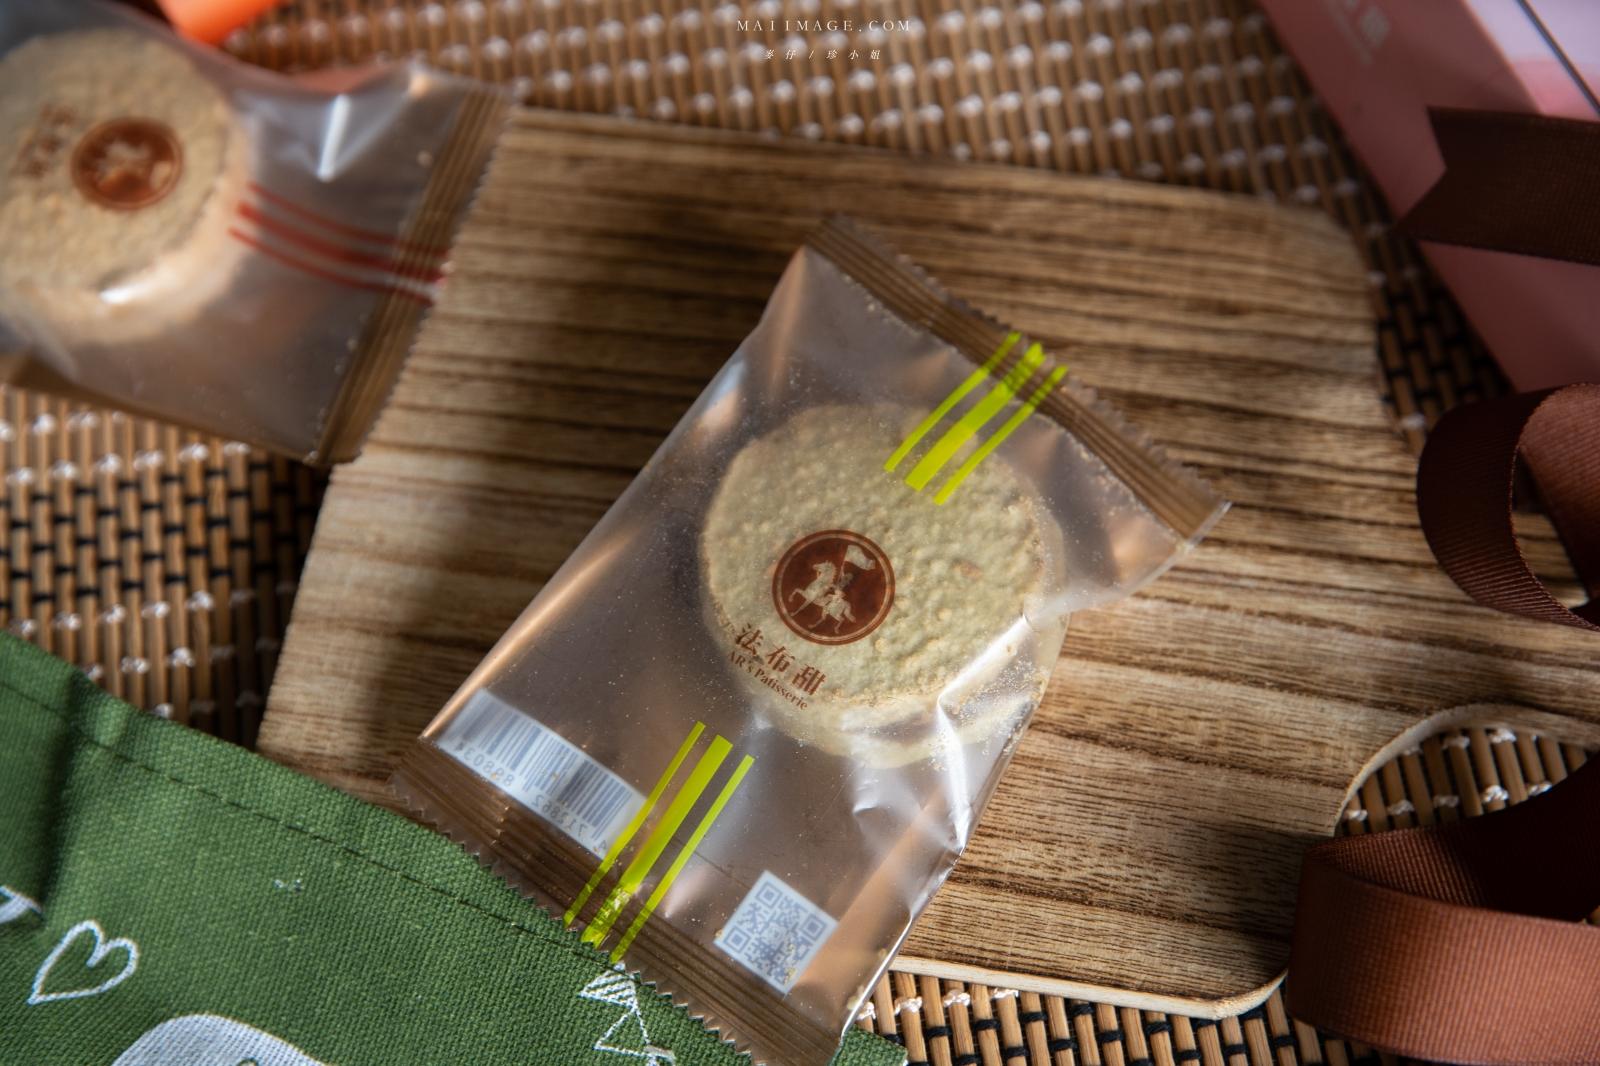 法布甜法式健康伴手禮專賣店~法布甜馬卡龍鳳梨酥,全球唯一無油減糖無麩質全家大小都適合的健康甜點。鳳梨酥推薦、法布甜鳳梨酥、土鳳梨酥